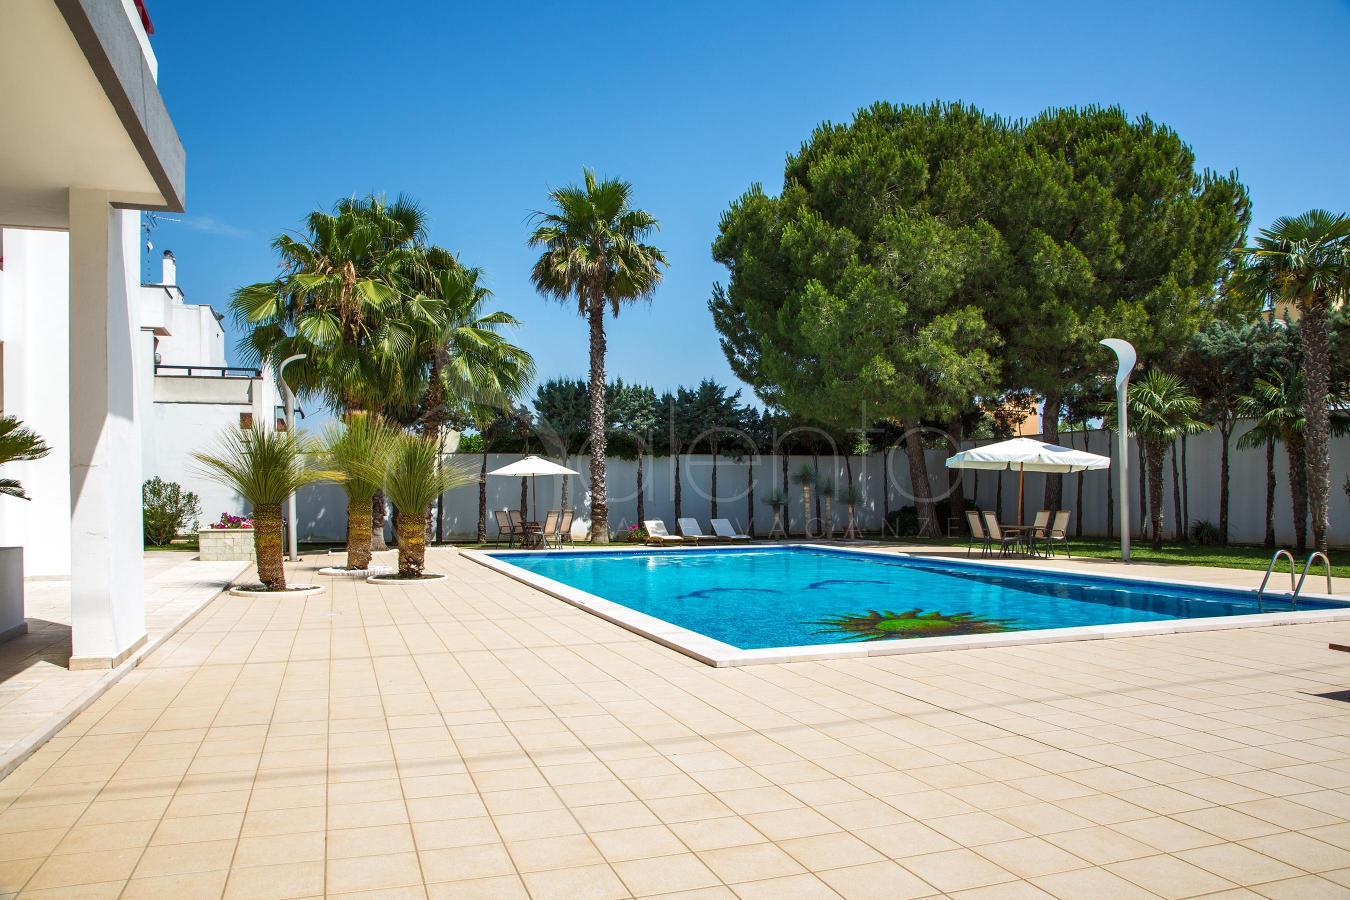 Casa con piscina per vacanze nel salento dependance in - B b con piscina ...